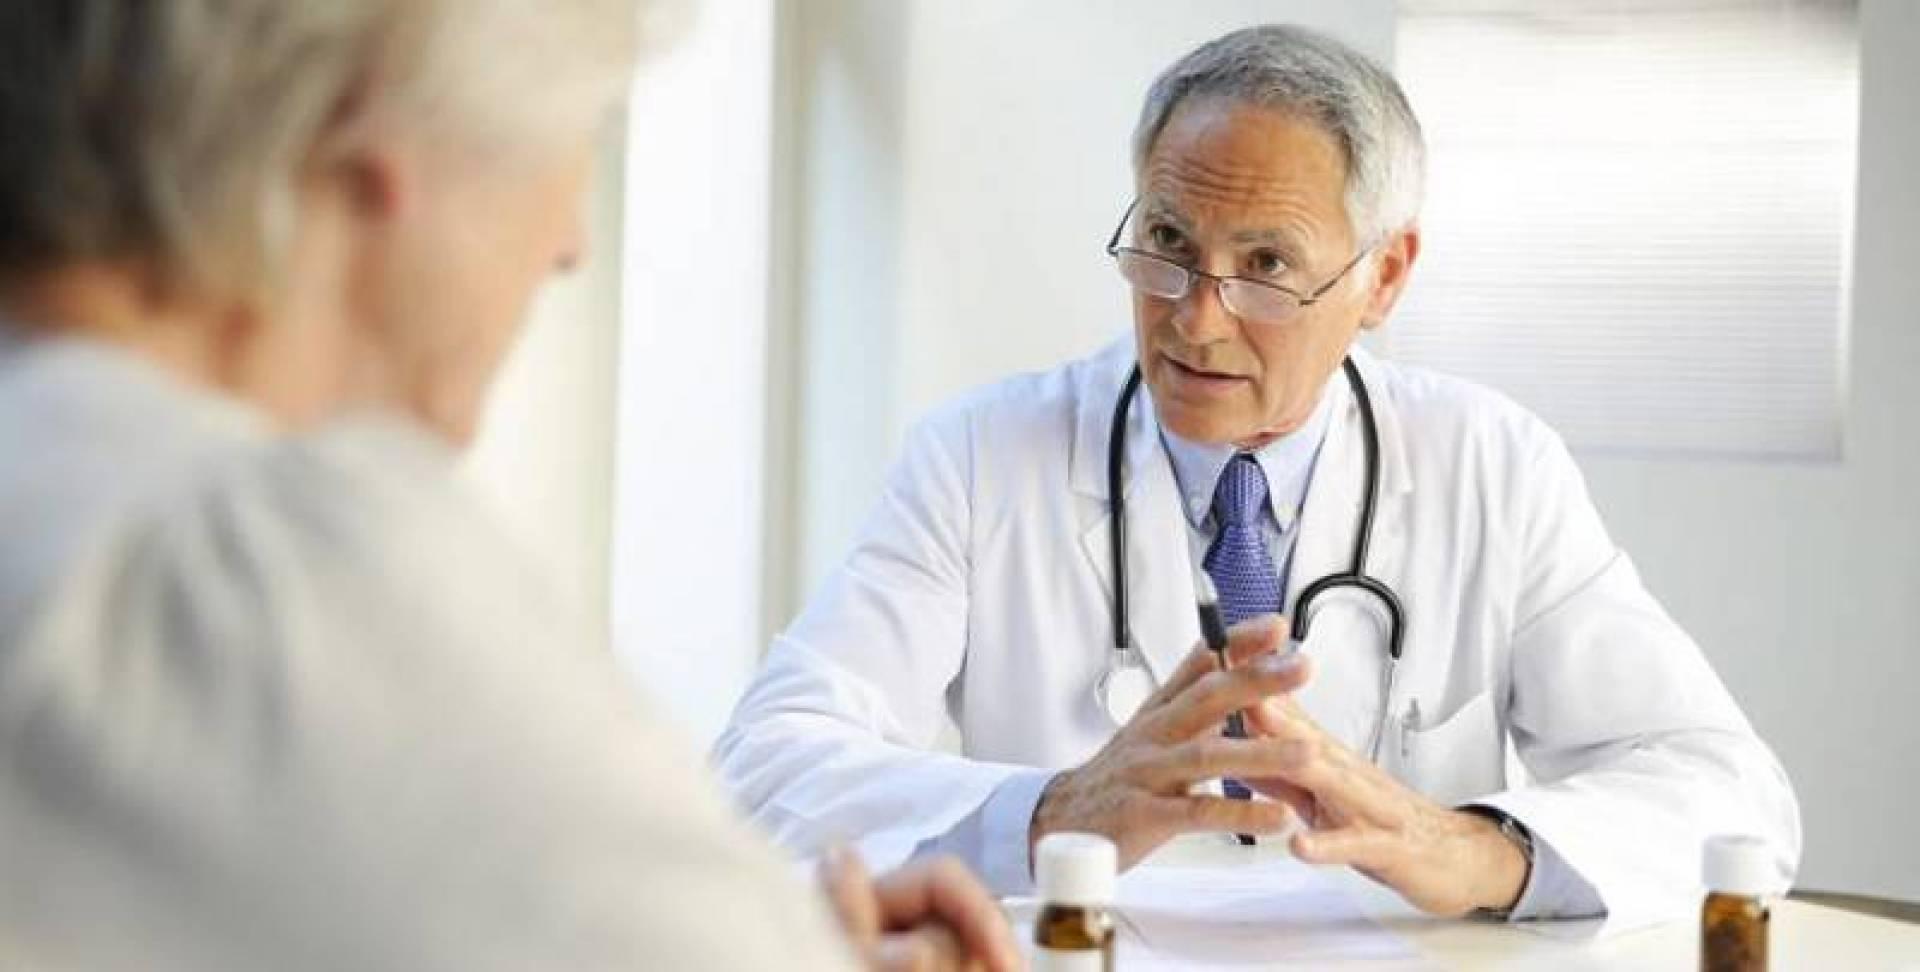 أسئلة وأجوبة طبية